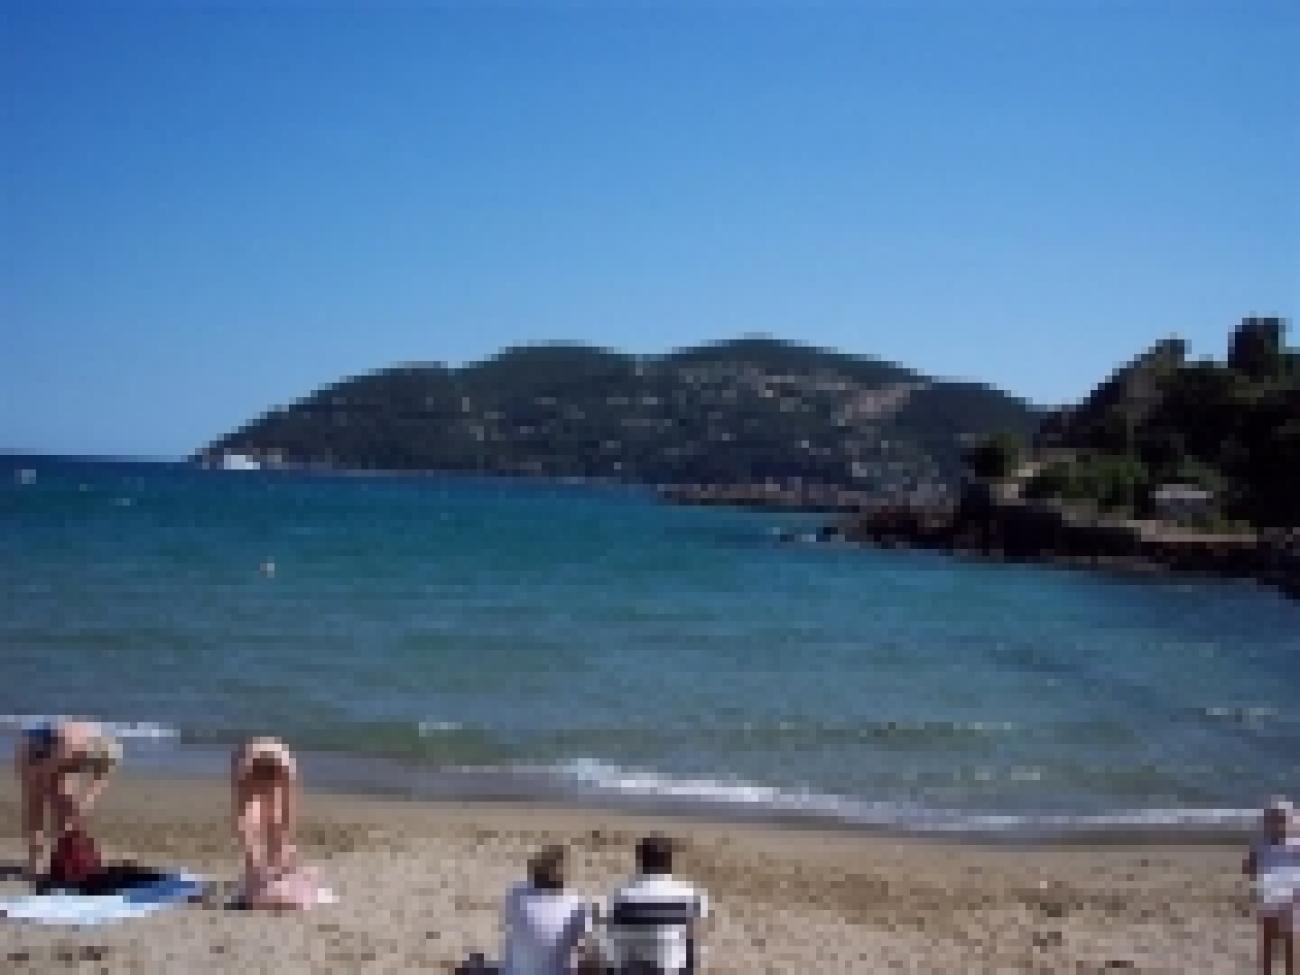 d8e_plages-autres-mers-et-plages-mandelieu-la-napoule-france-3904840351-716491[1].jpg